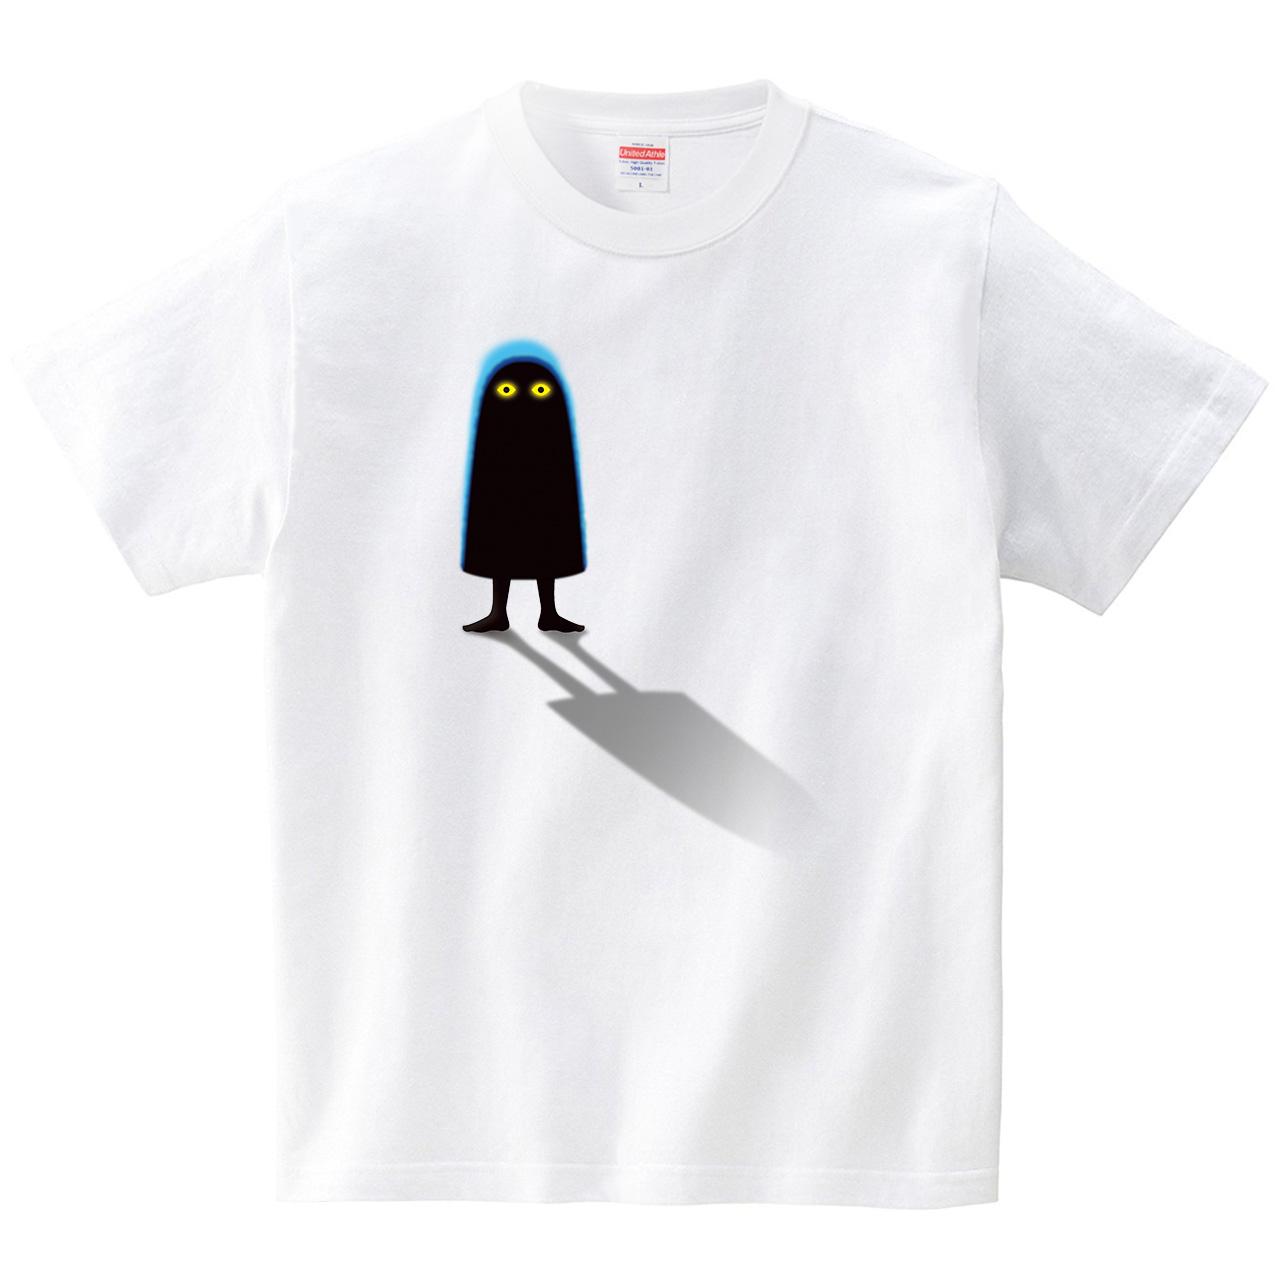 メジェド -MEDJED-(Tシャツ・ホワイト)(梅川紀美子)